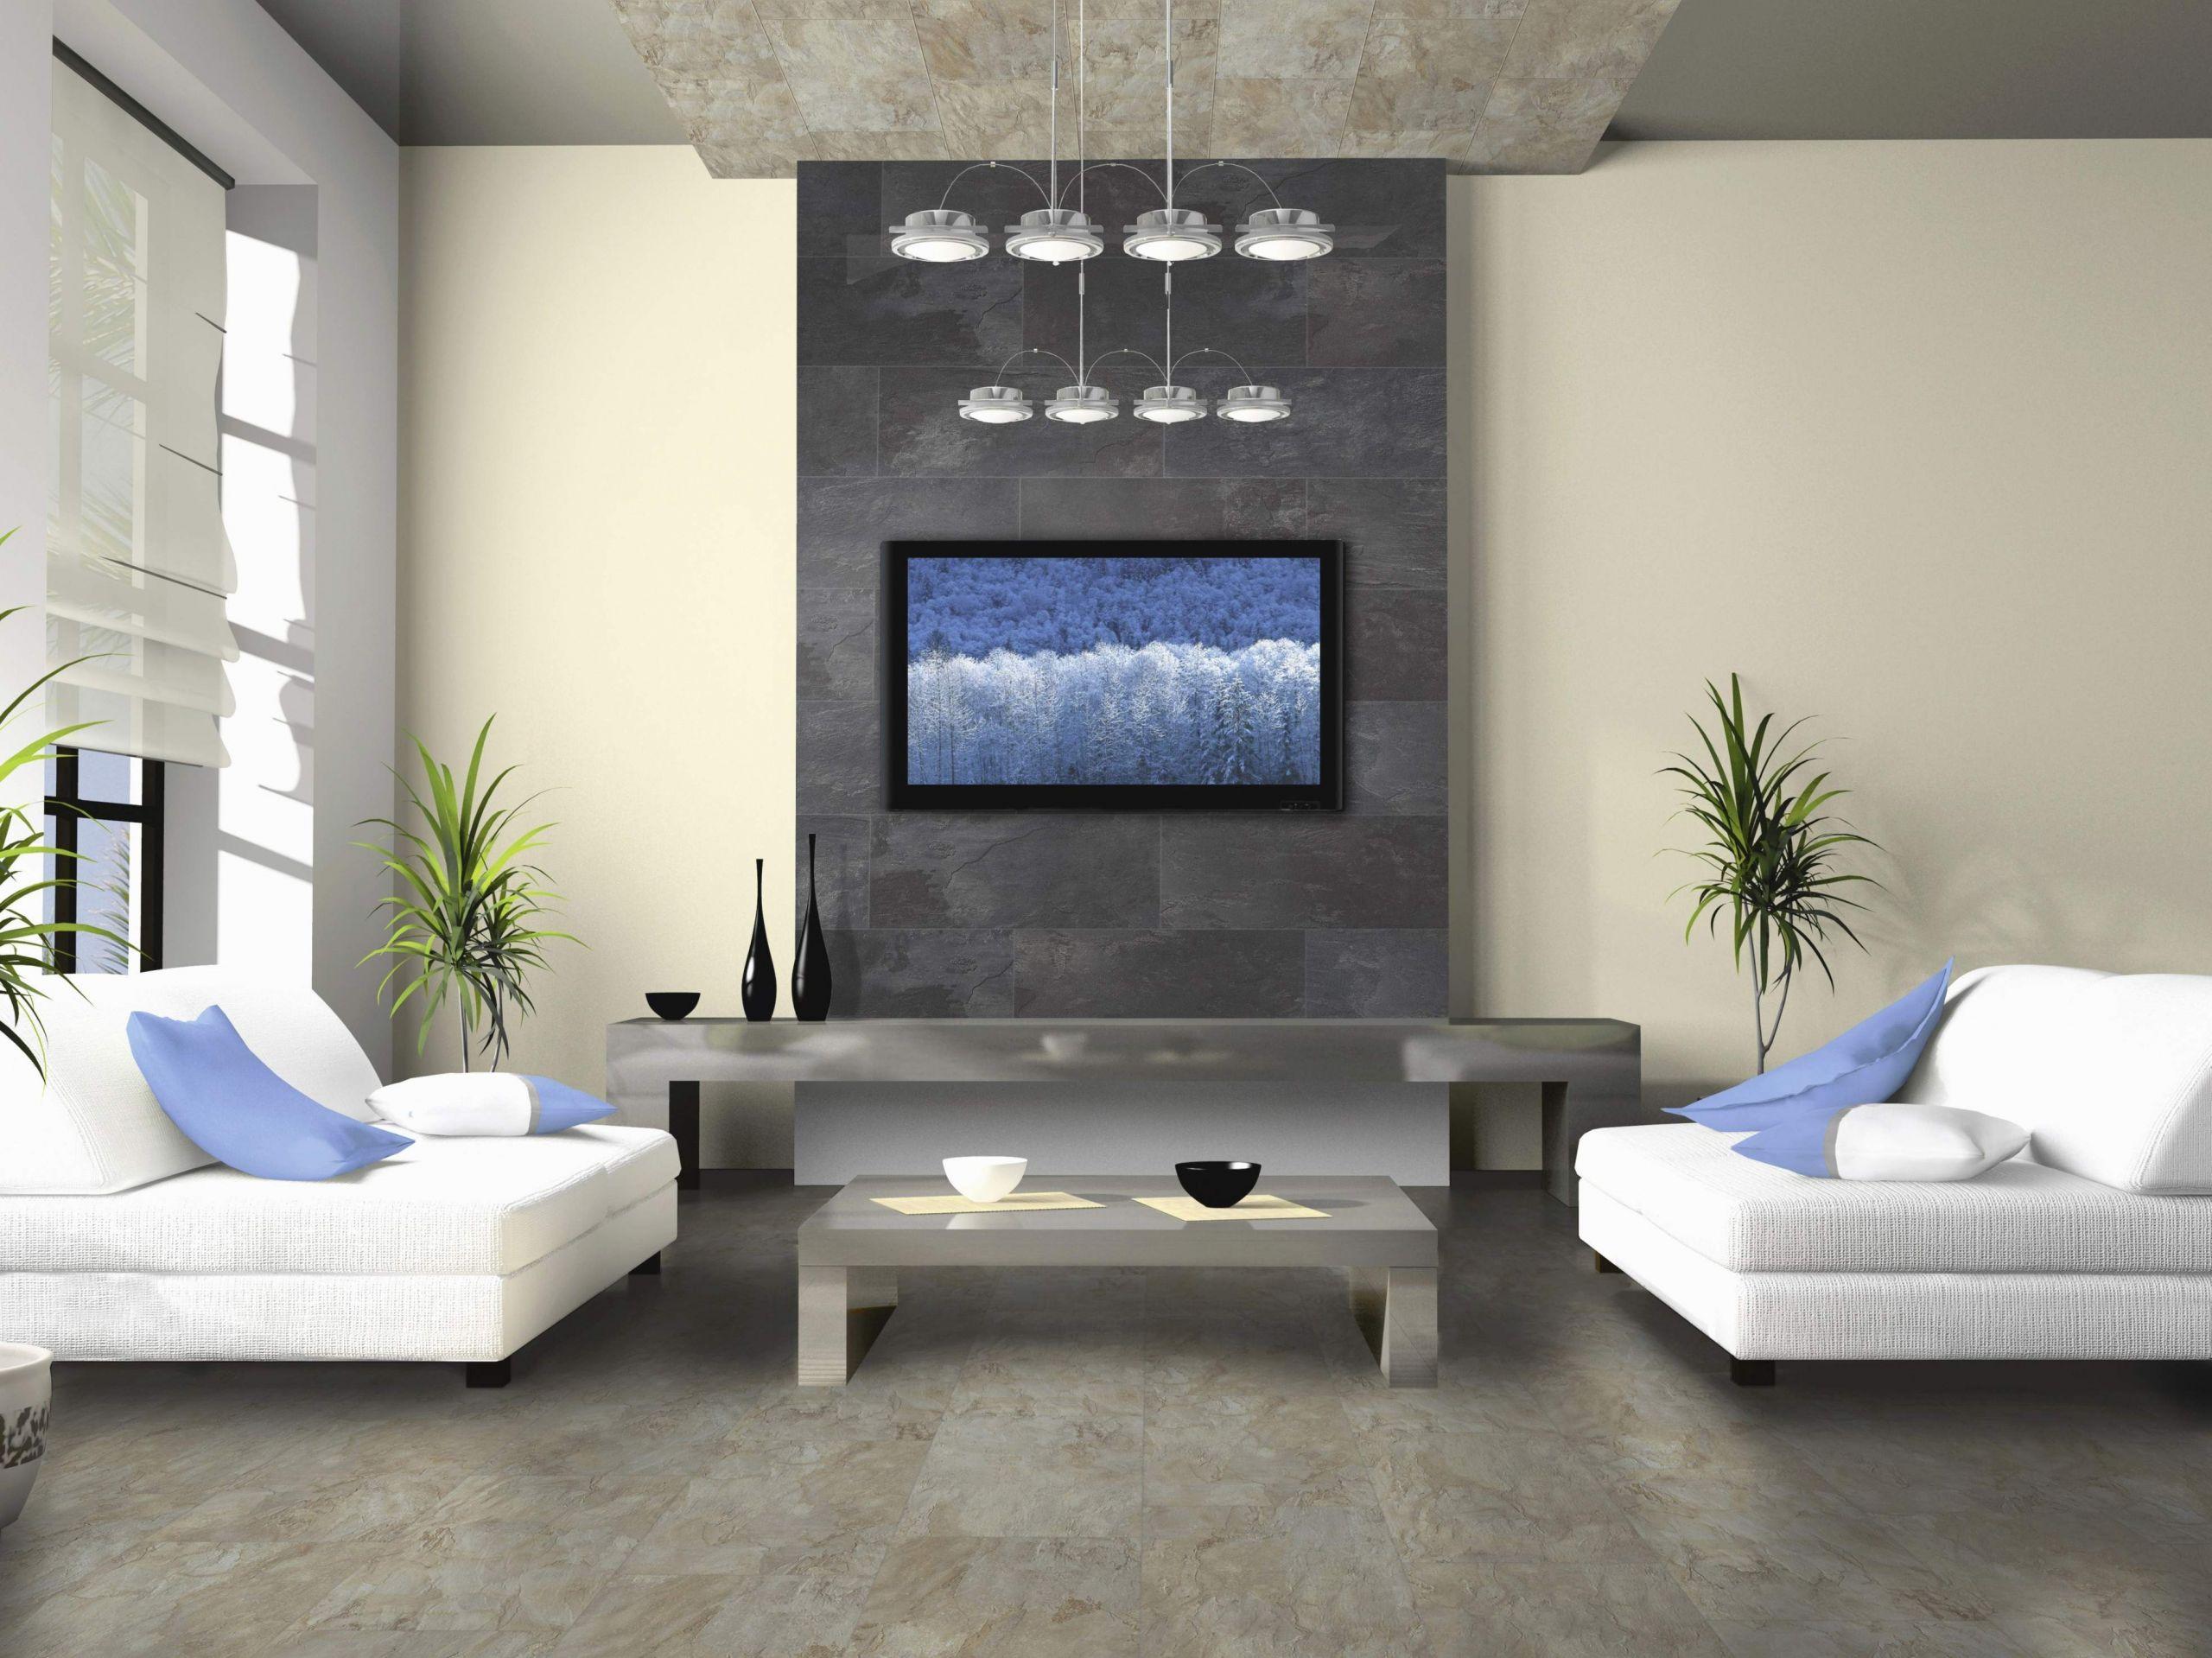 Baum Deko Garten Genial 27 Elegant Dekorationsideen Wohnzimmer Luxus